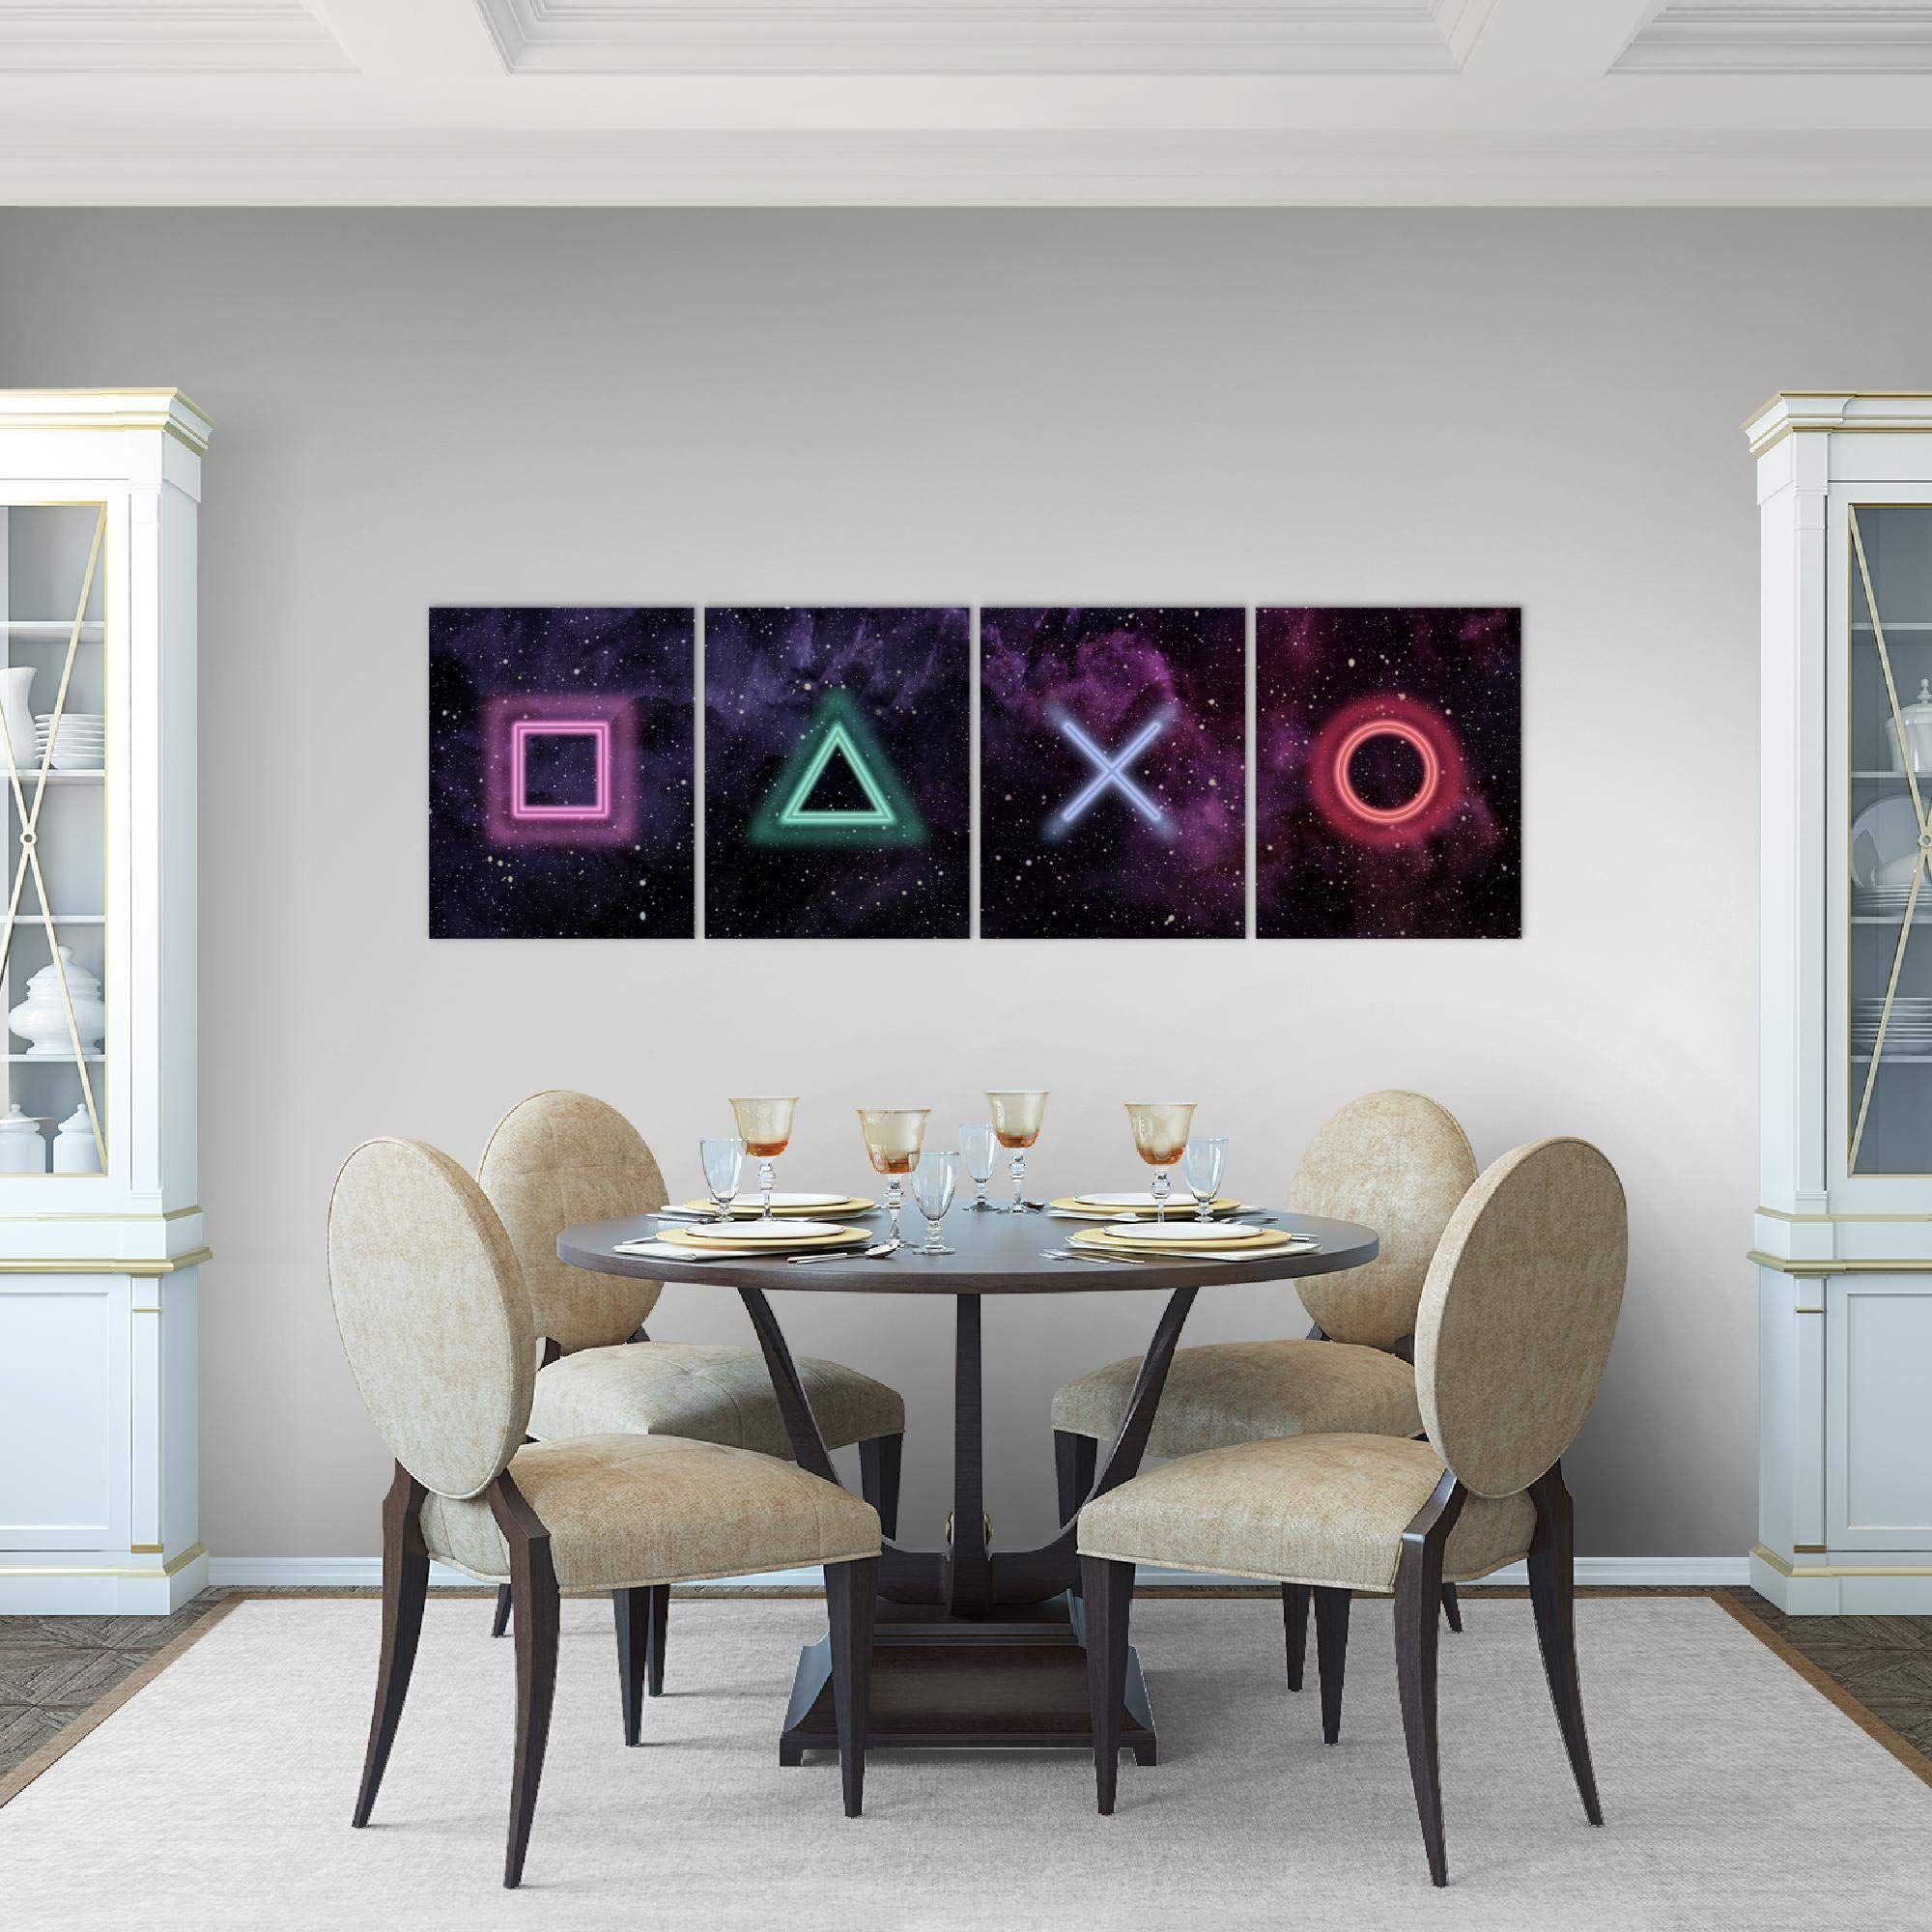 Amazon De Bilder Spielkonsole Gamer Wandbild 160 X 50 Cm Vlies Leinwand Bild Xxl Format Wandbilder Wandbilder Wand Wandbilder Wohnzimmer